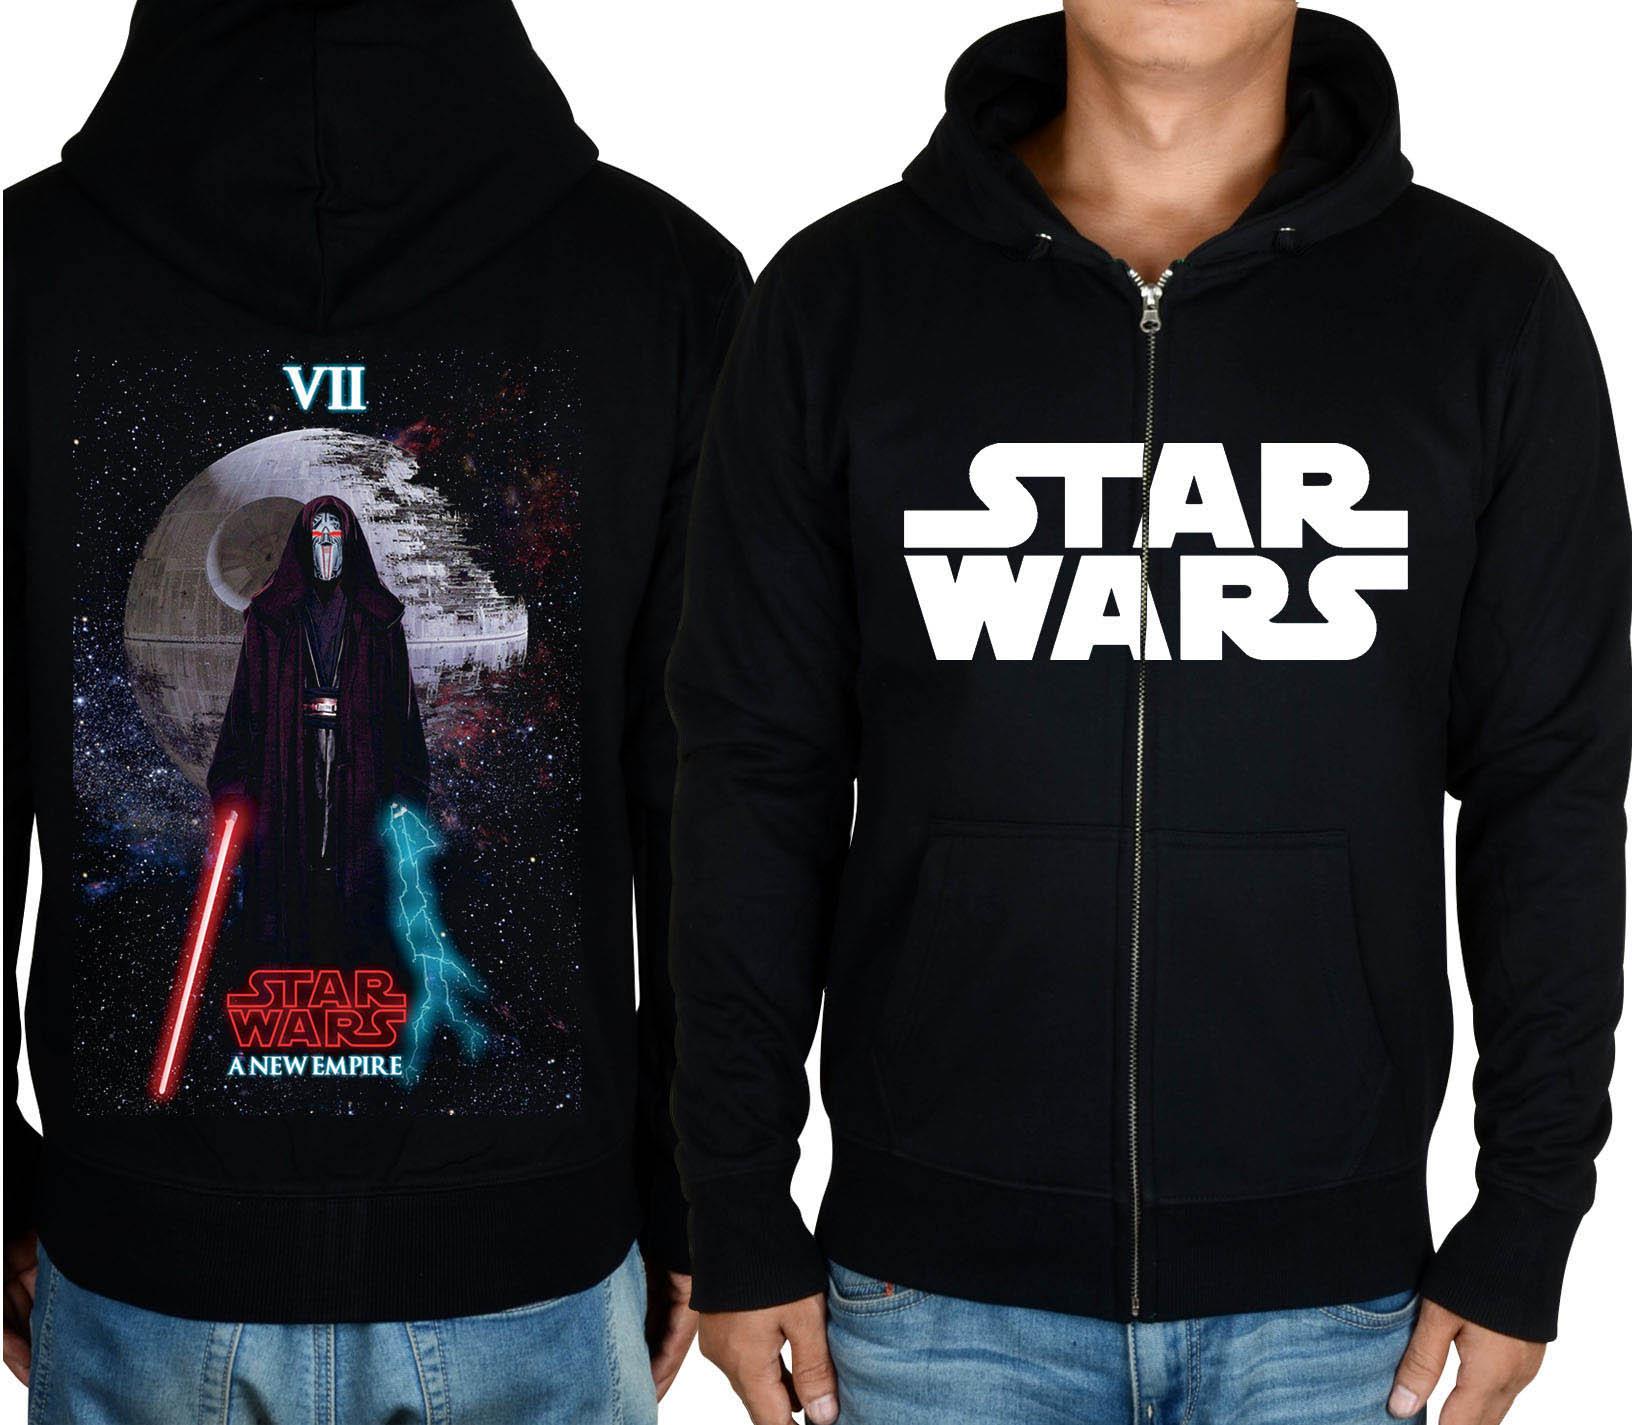 星球大战Star Wars 7原力觉醒达斯摩尔光剑拉链休闲加绒套头卫衣